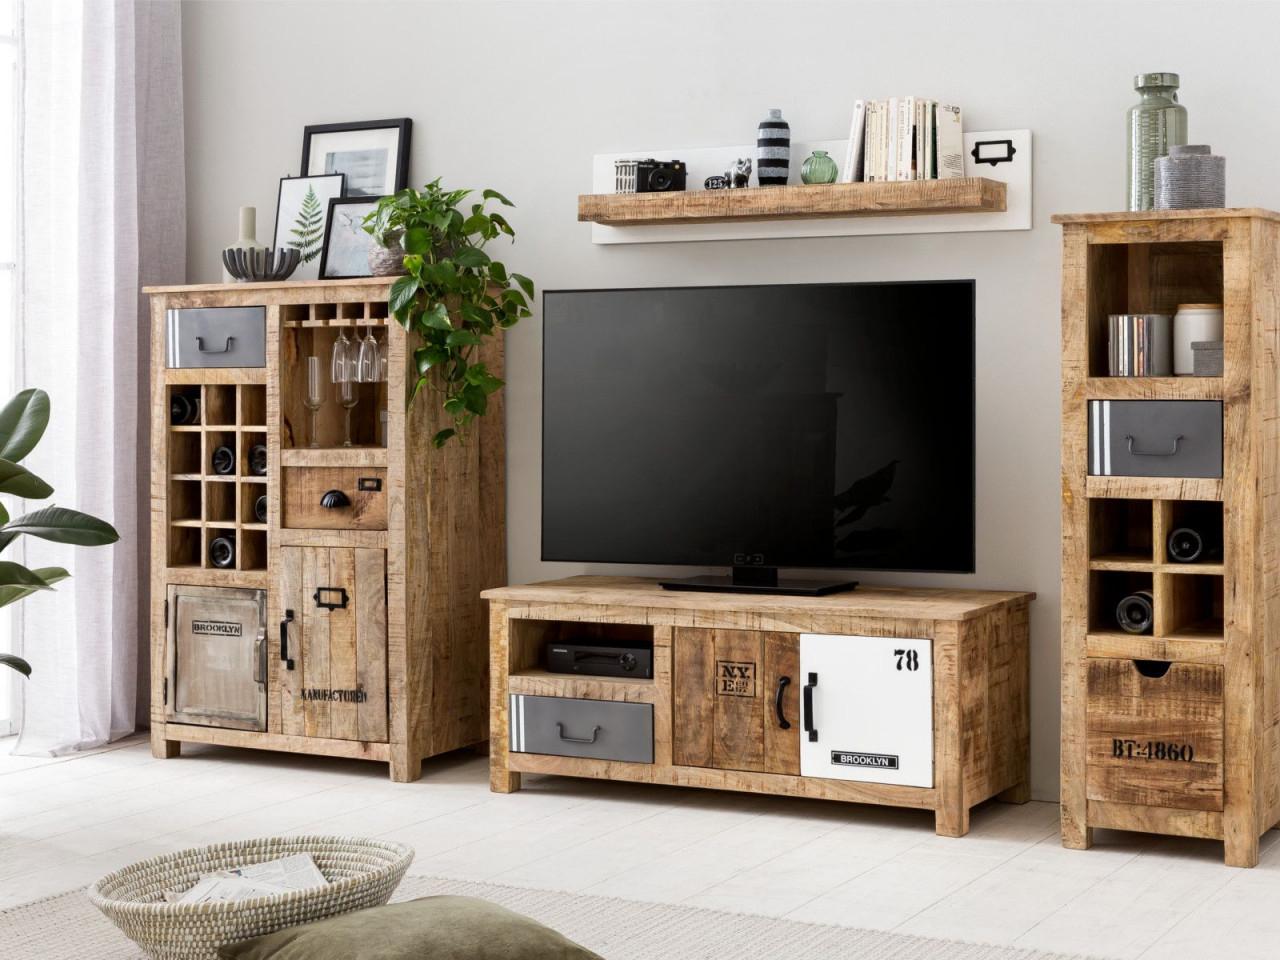 Wohnwand Pune  Einrichtungsideen Wohnzimmer Rustikal Holz von Wohnzimmer Ideen Holzmöbel Bild